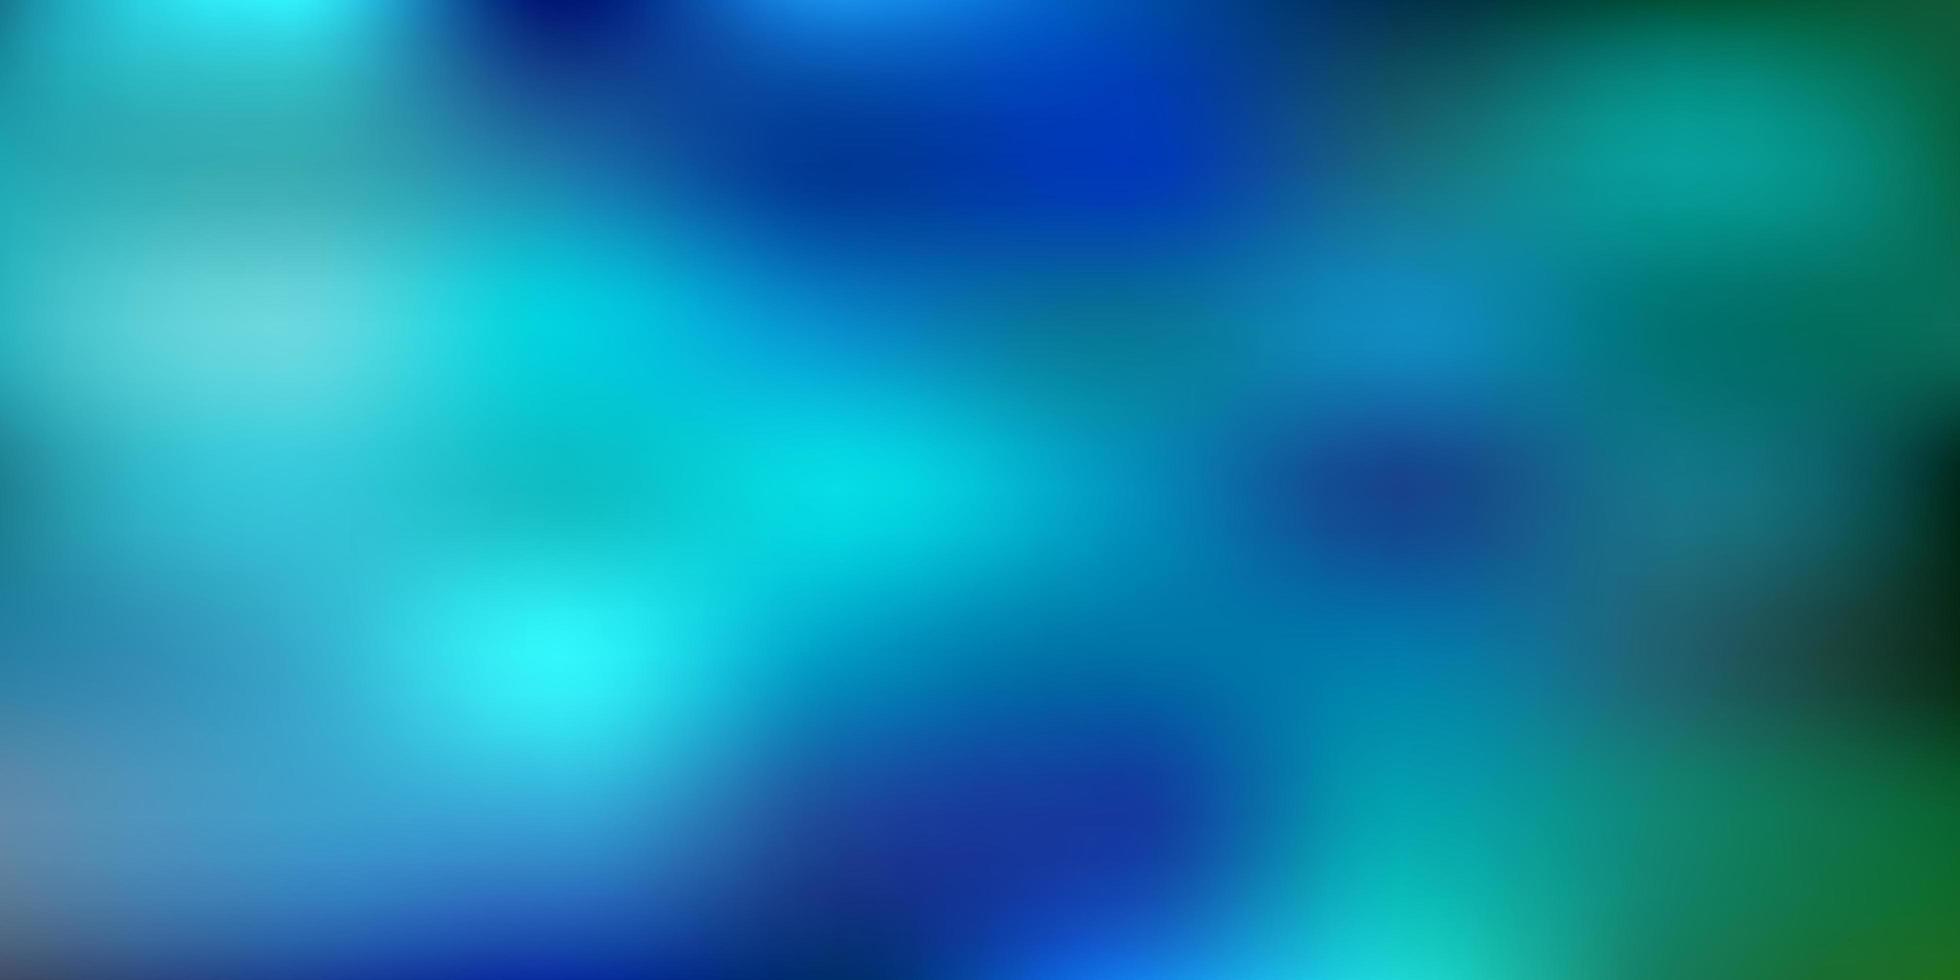 lichtblauw, groen vector verloop vervagen tekening.